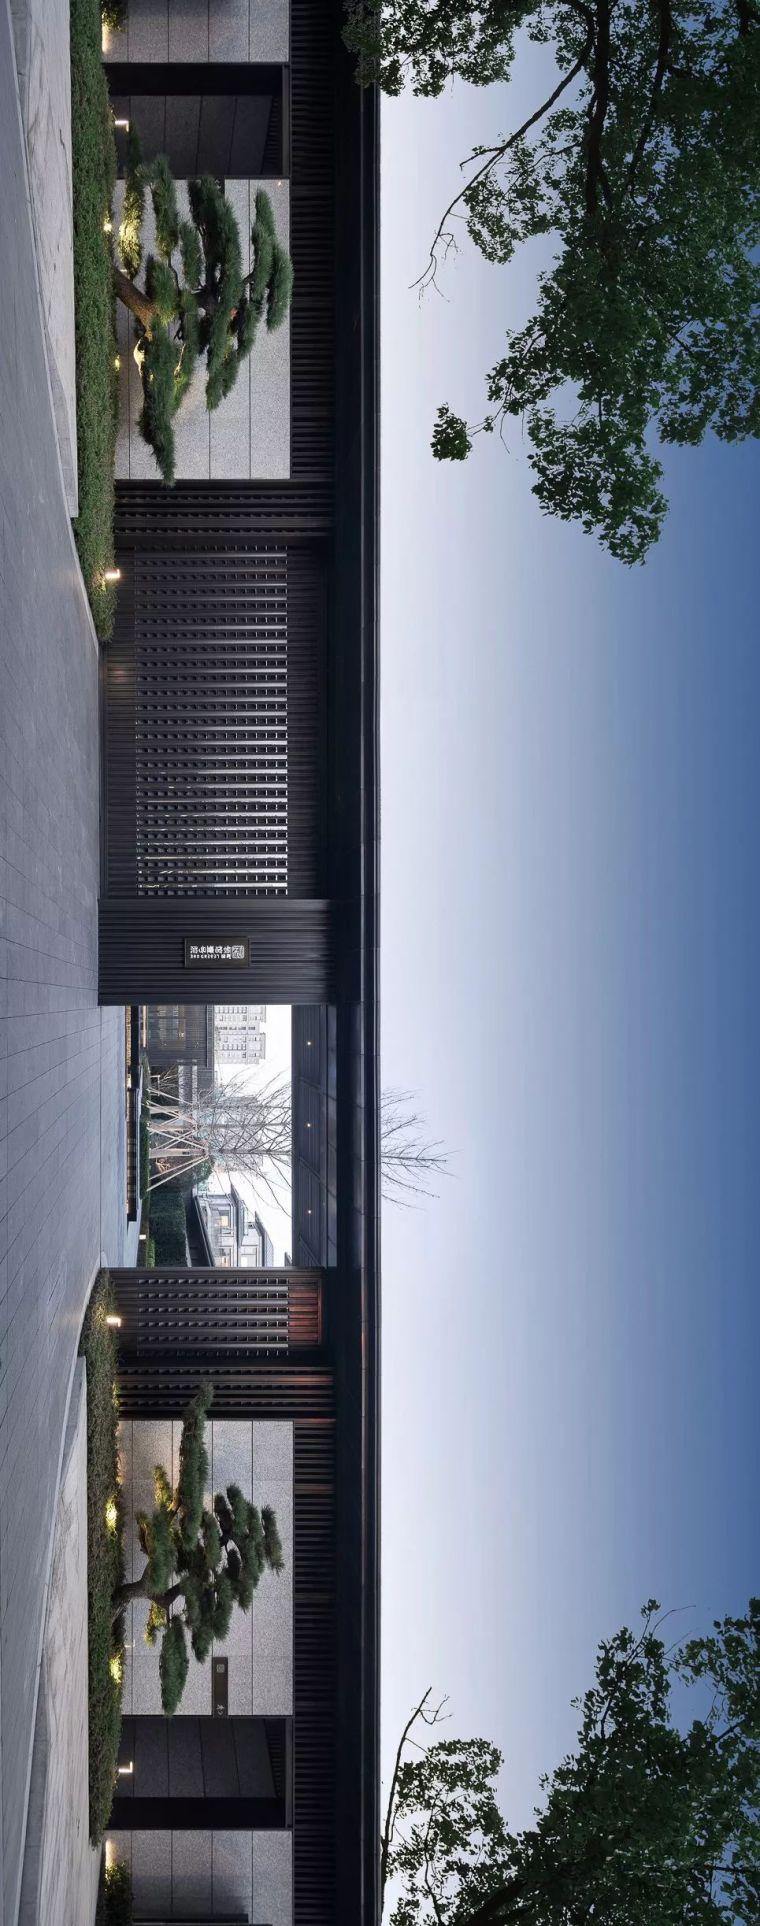 上海顶级东方院墅,高级灰演绎融创TOP系列非凡气质!